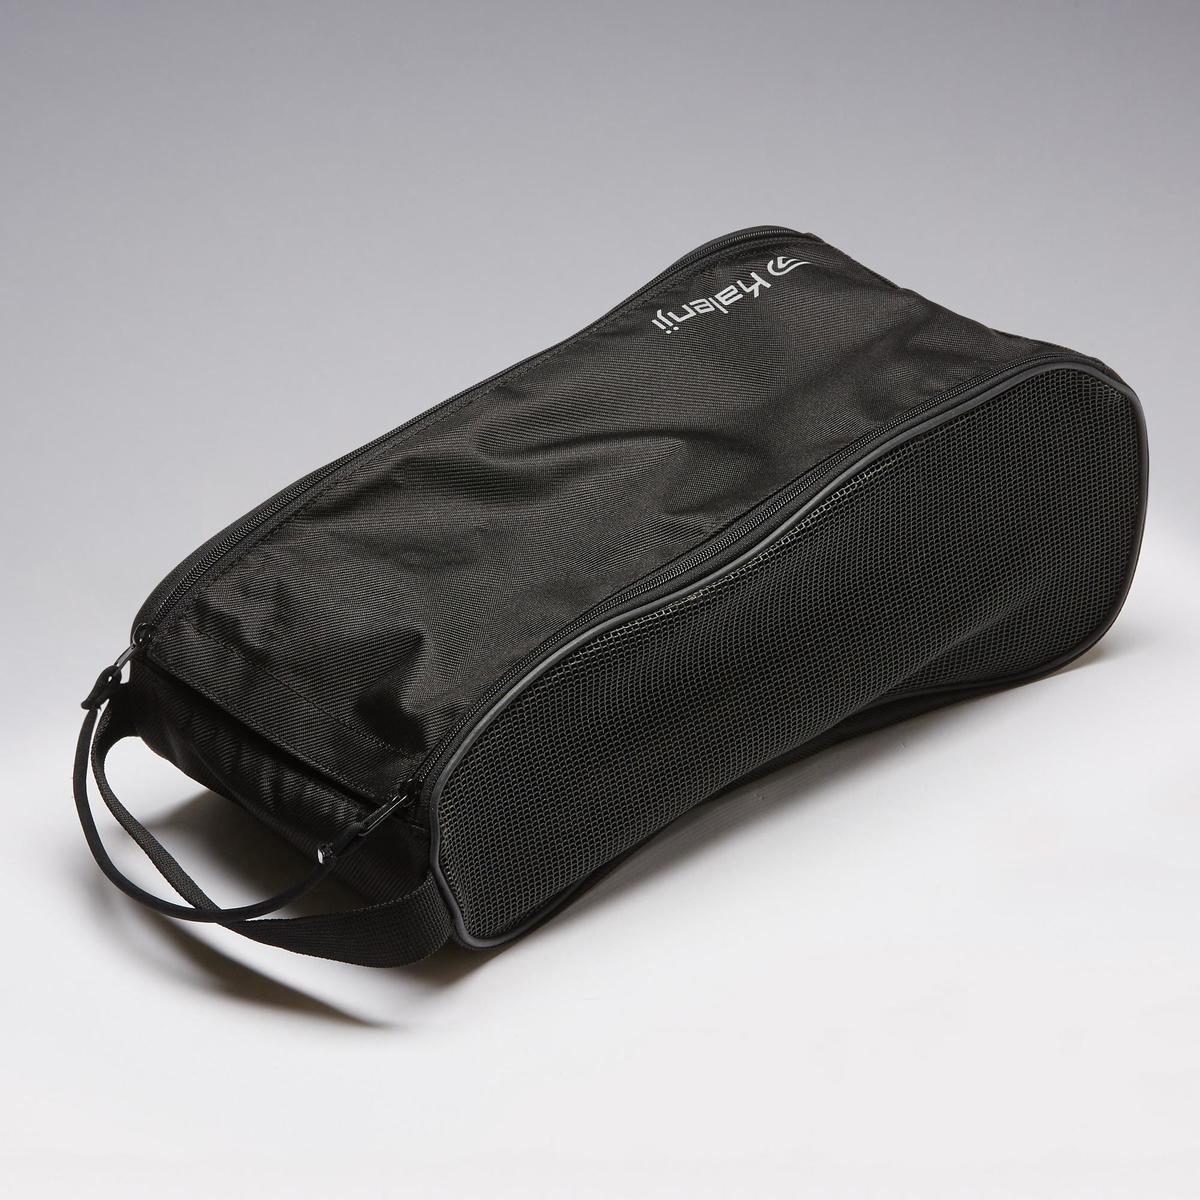 Bild 2 von Tasche für Spikes